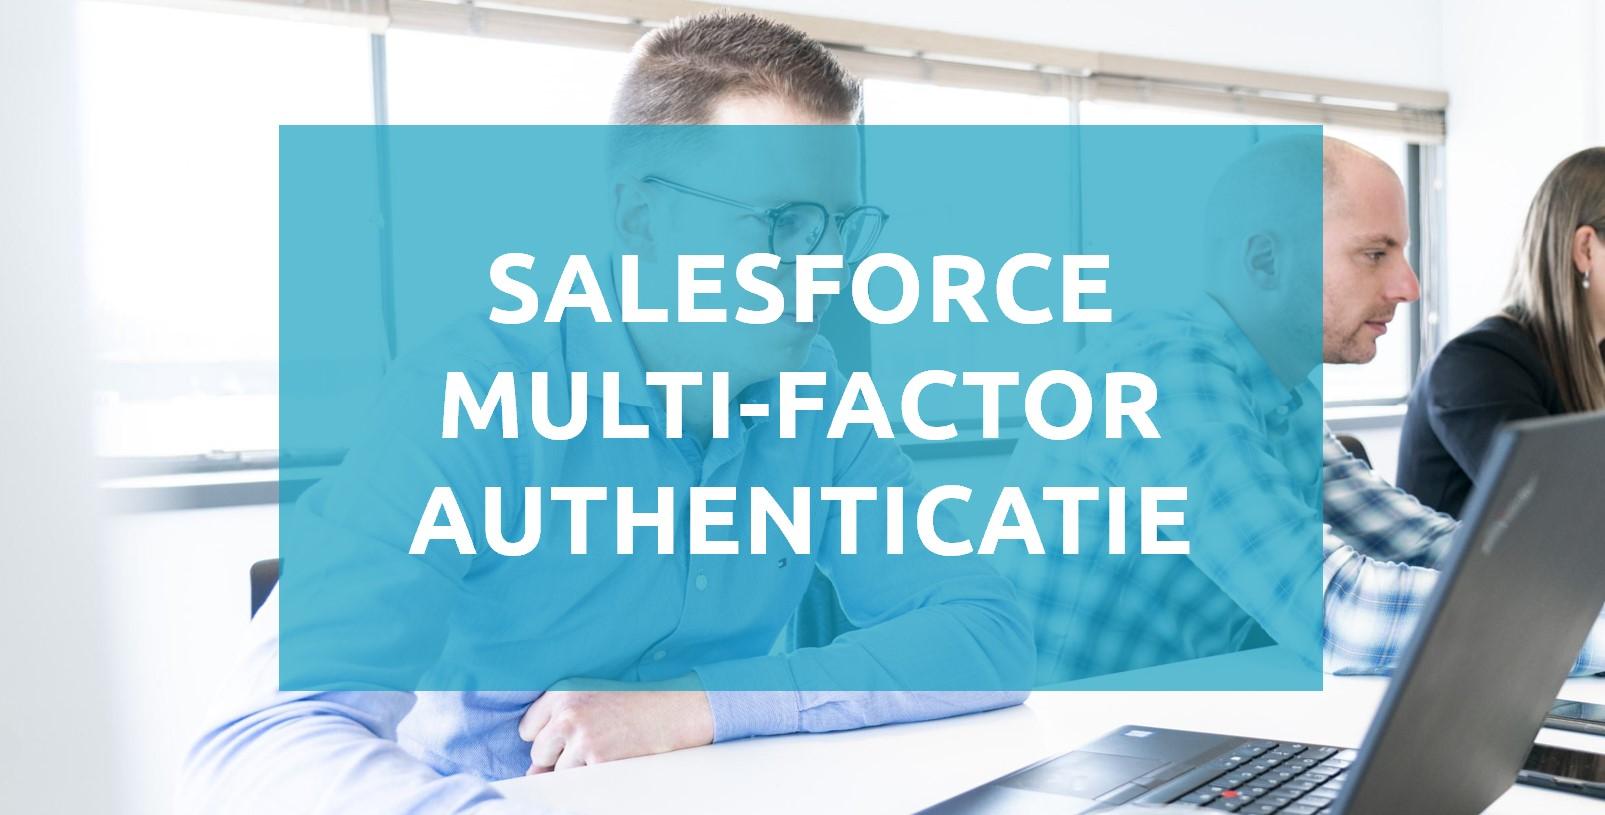 Salesforce Multi-factor Authenticatie